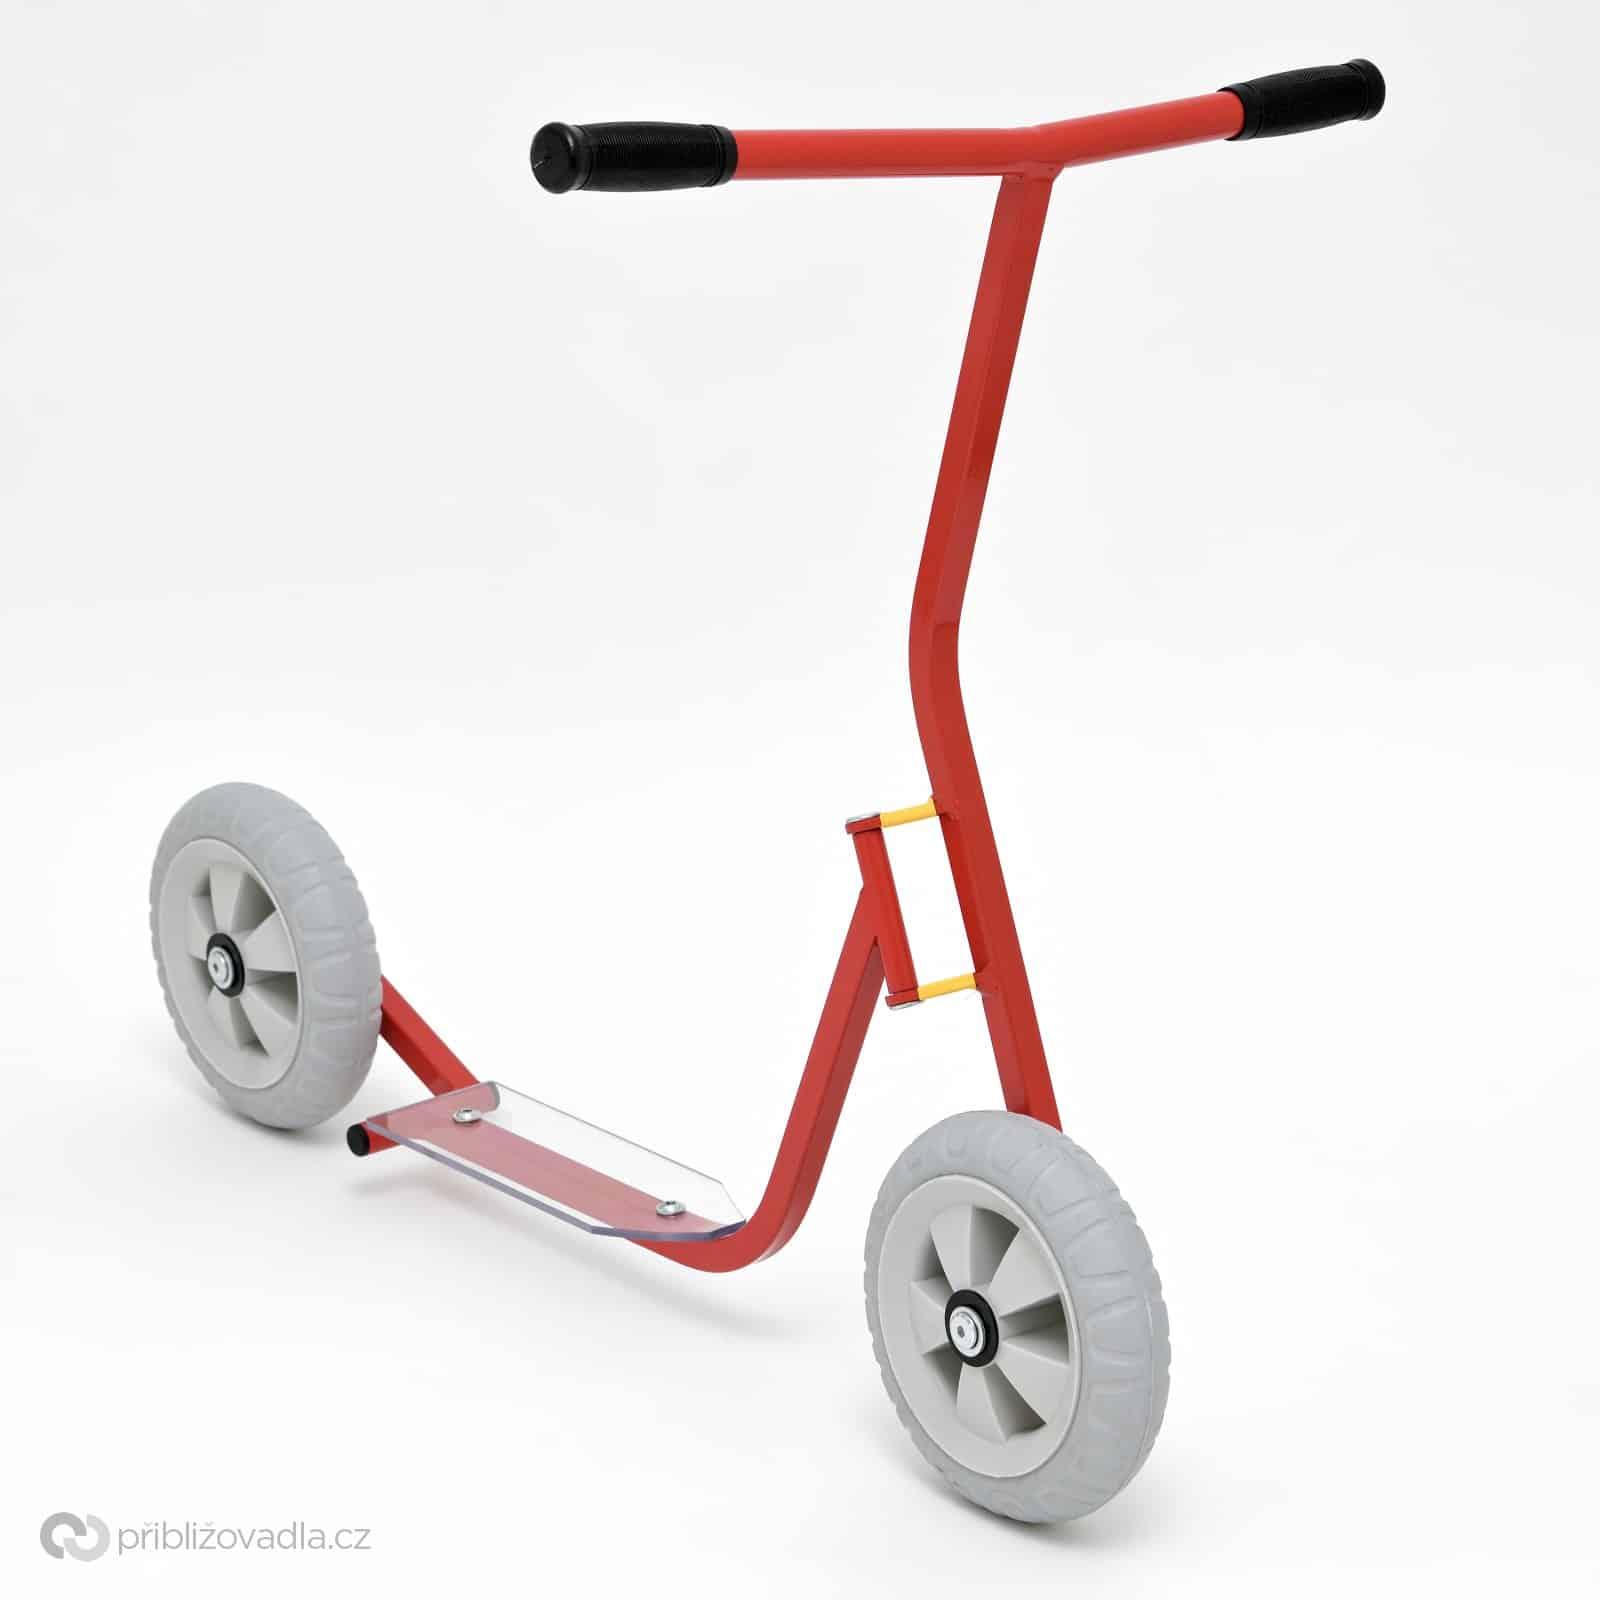 Dětská koloběžka K-bike K2